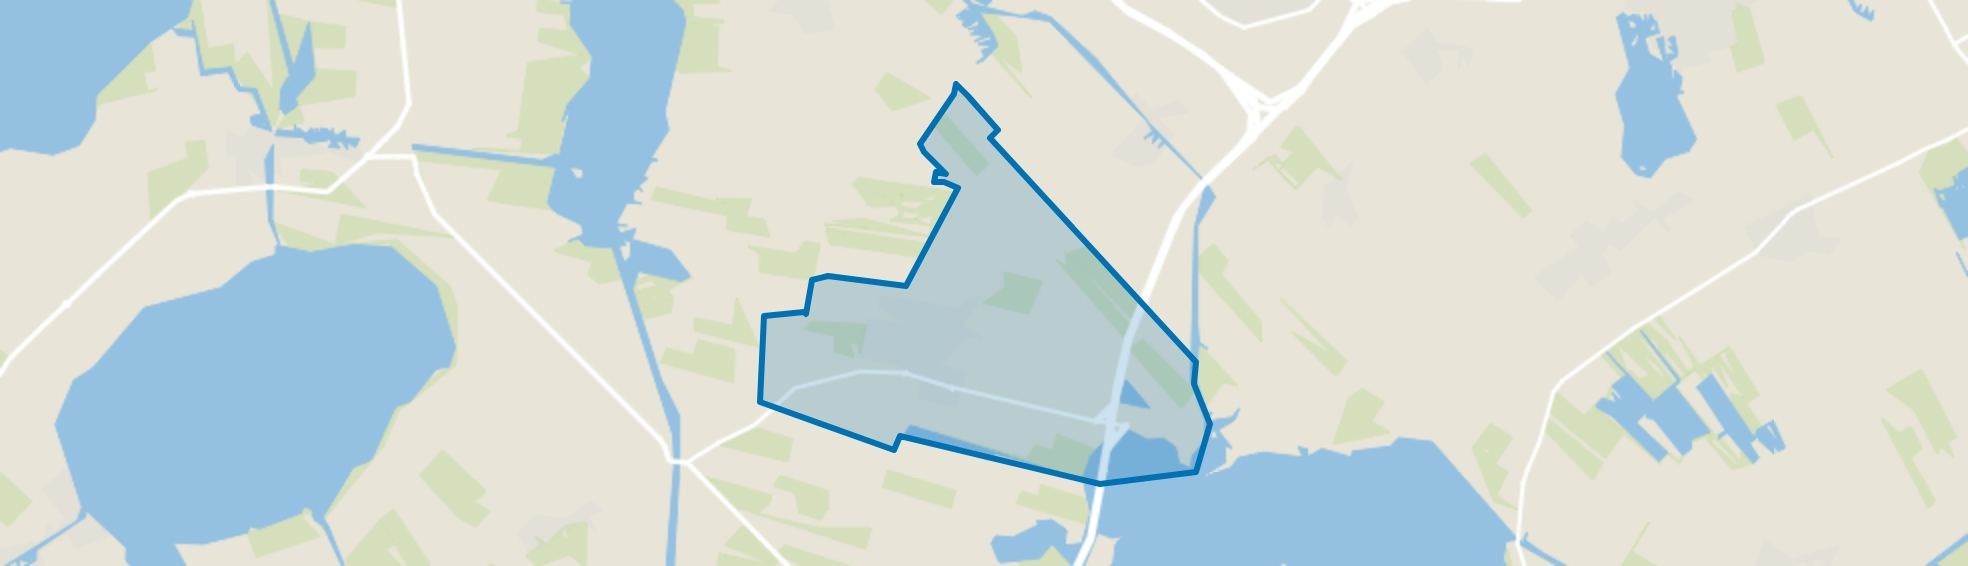 Sint Nicolaasga, Sint Nicolaasga map